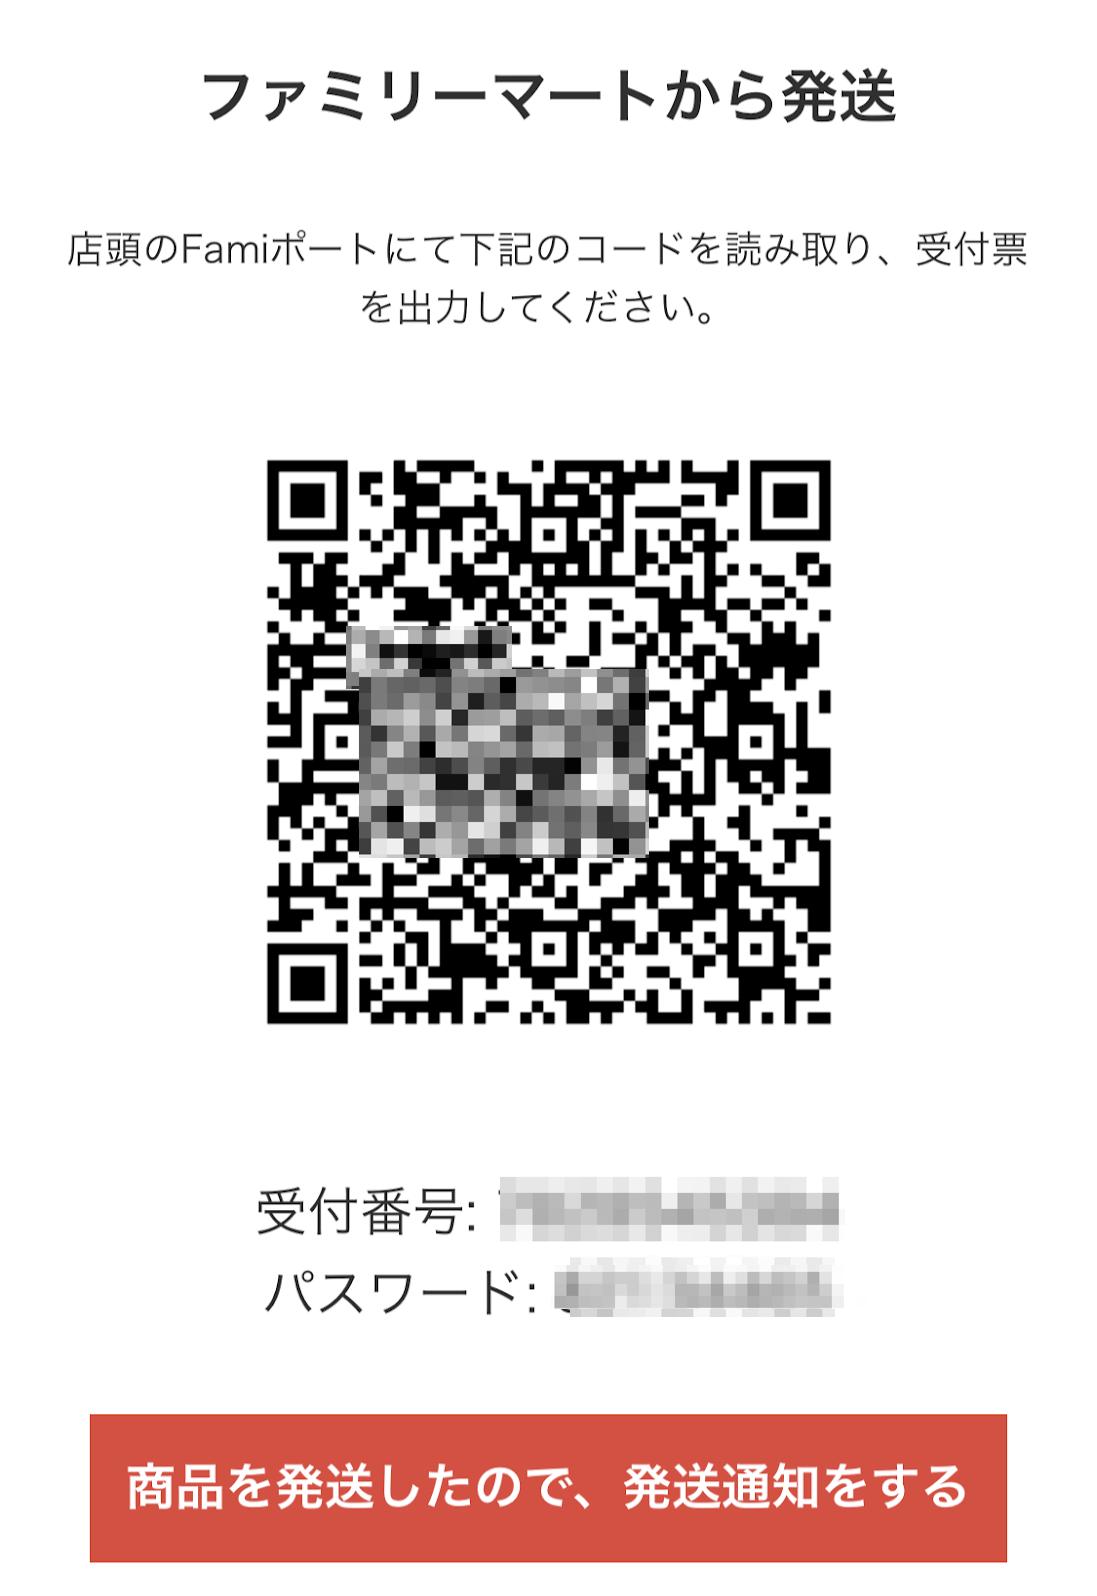 ファミマ発送のQRコード